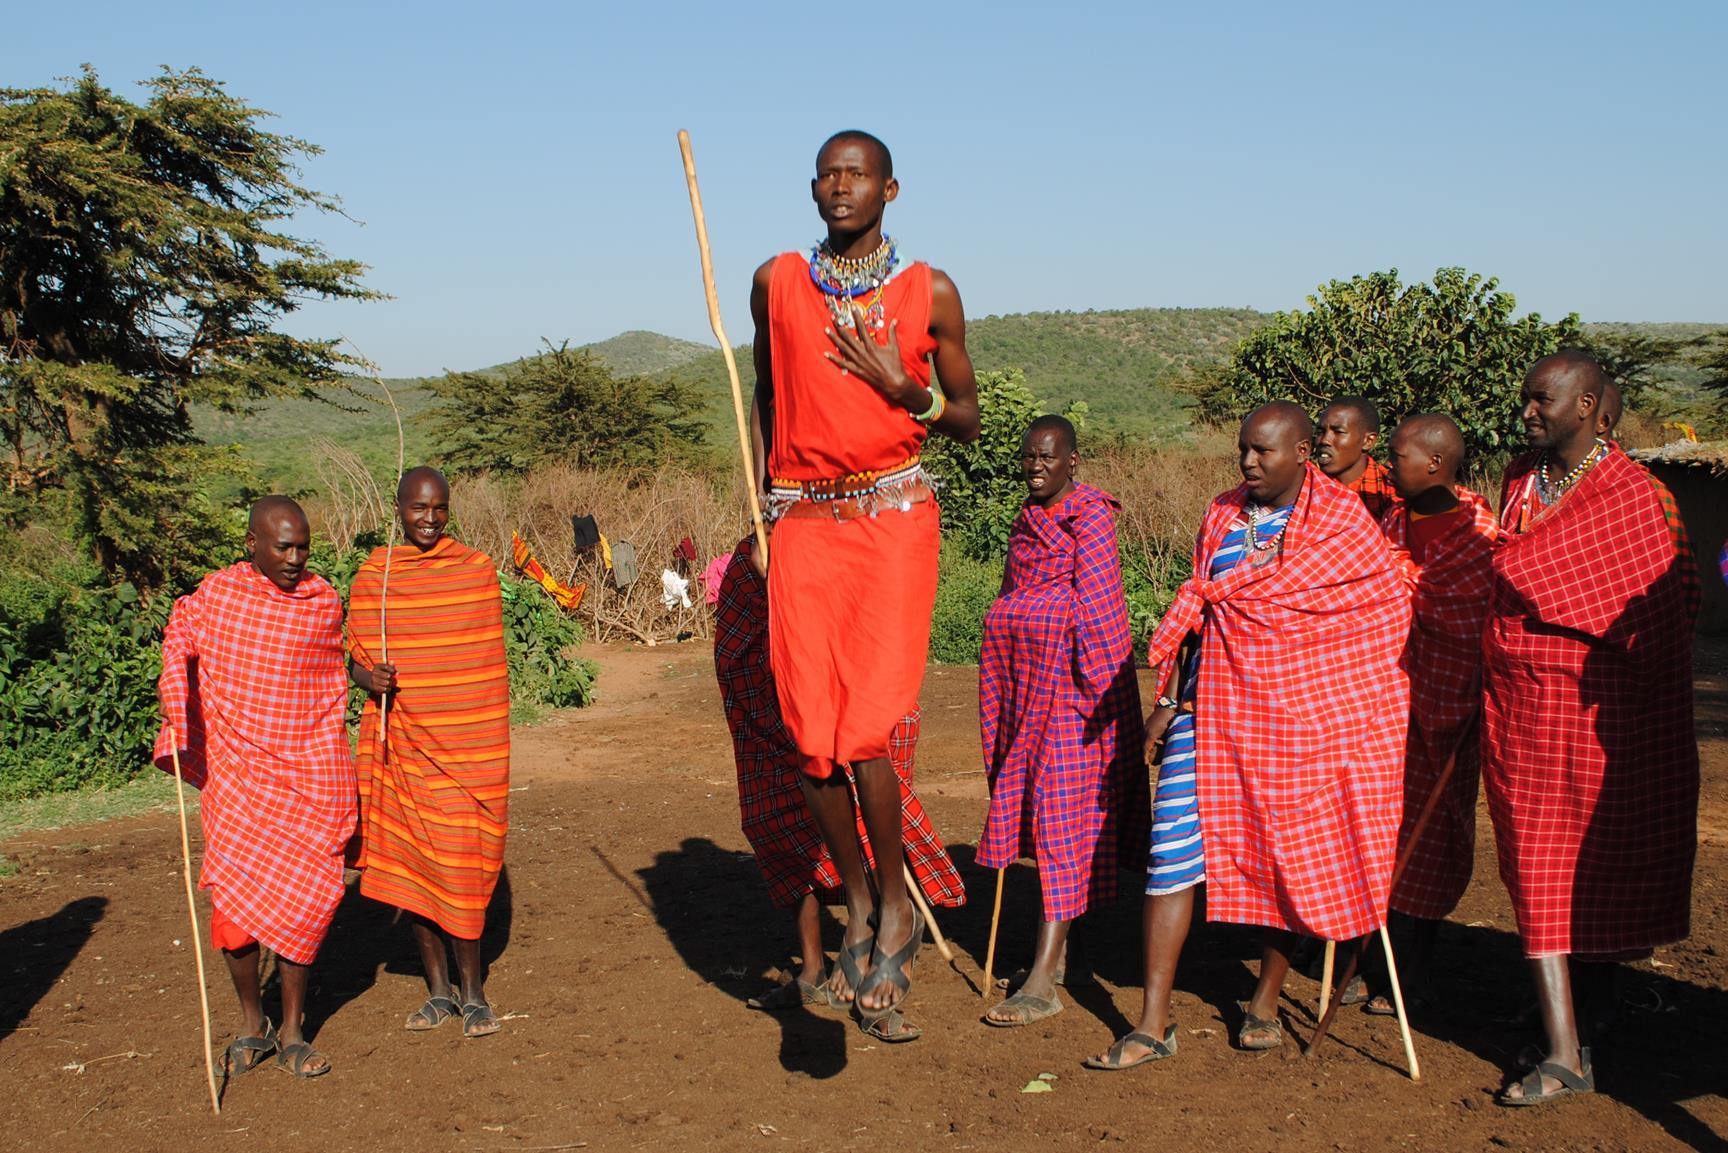 Kenya Día 5 Masai Mara Tribu Safari